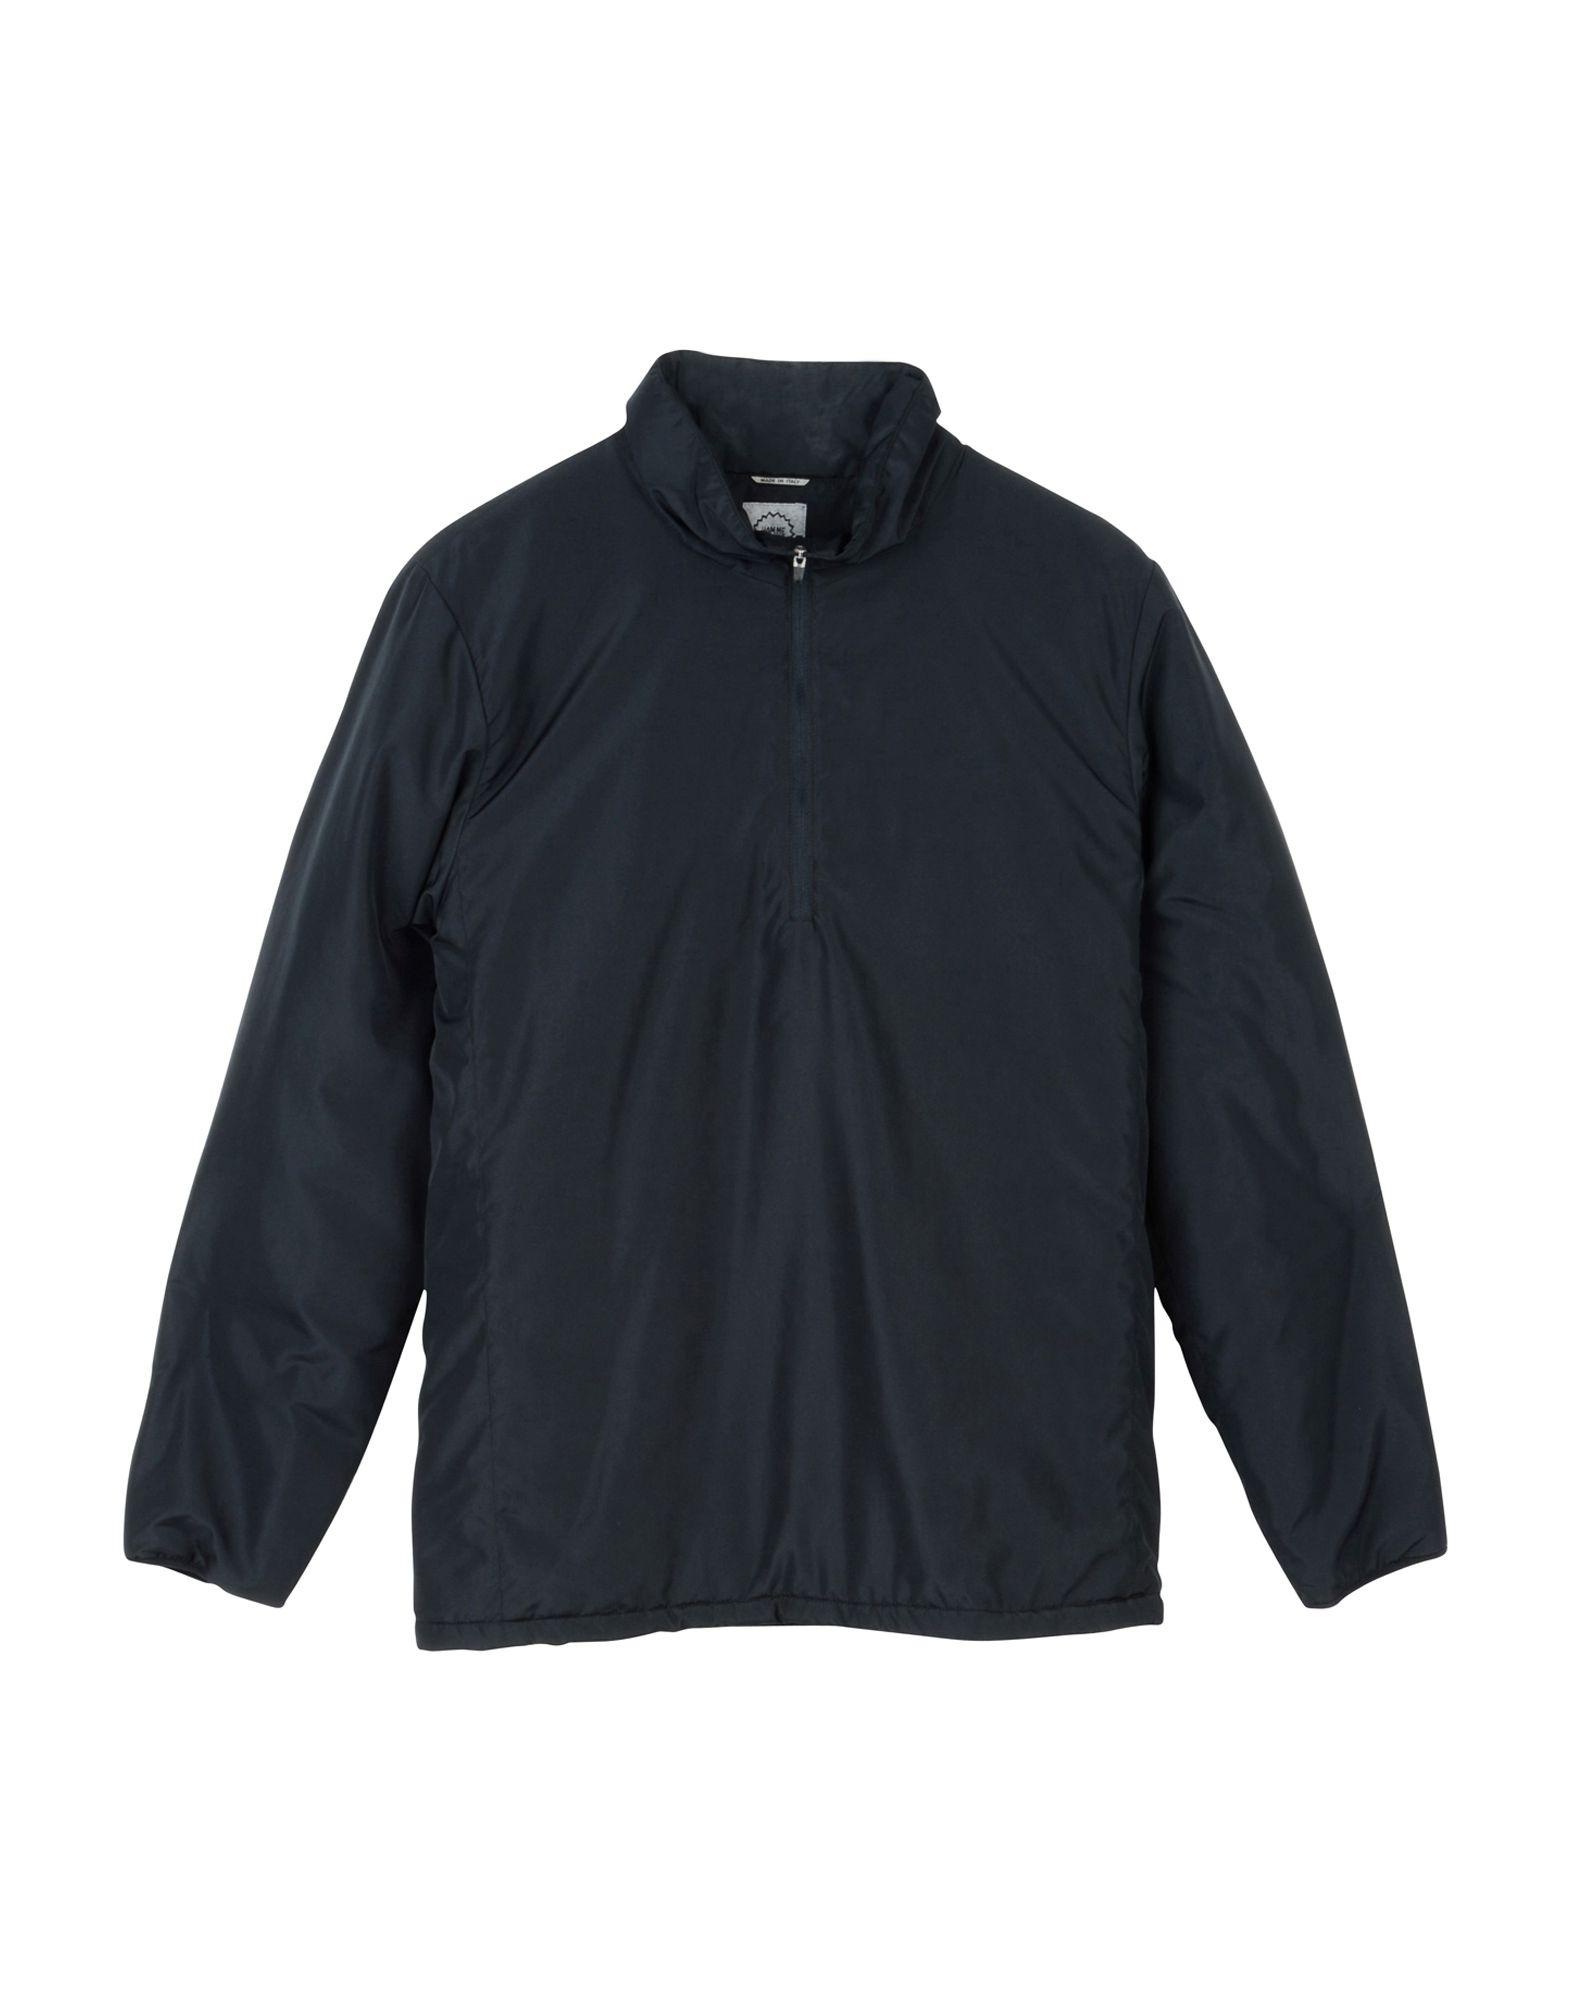 DANIELE ALESSANDRINI HOMME Куртка daniele alessandrini homme джинсовая верхняя одежда